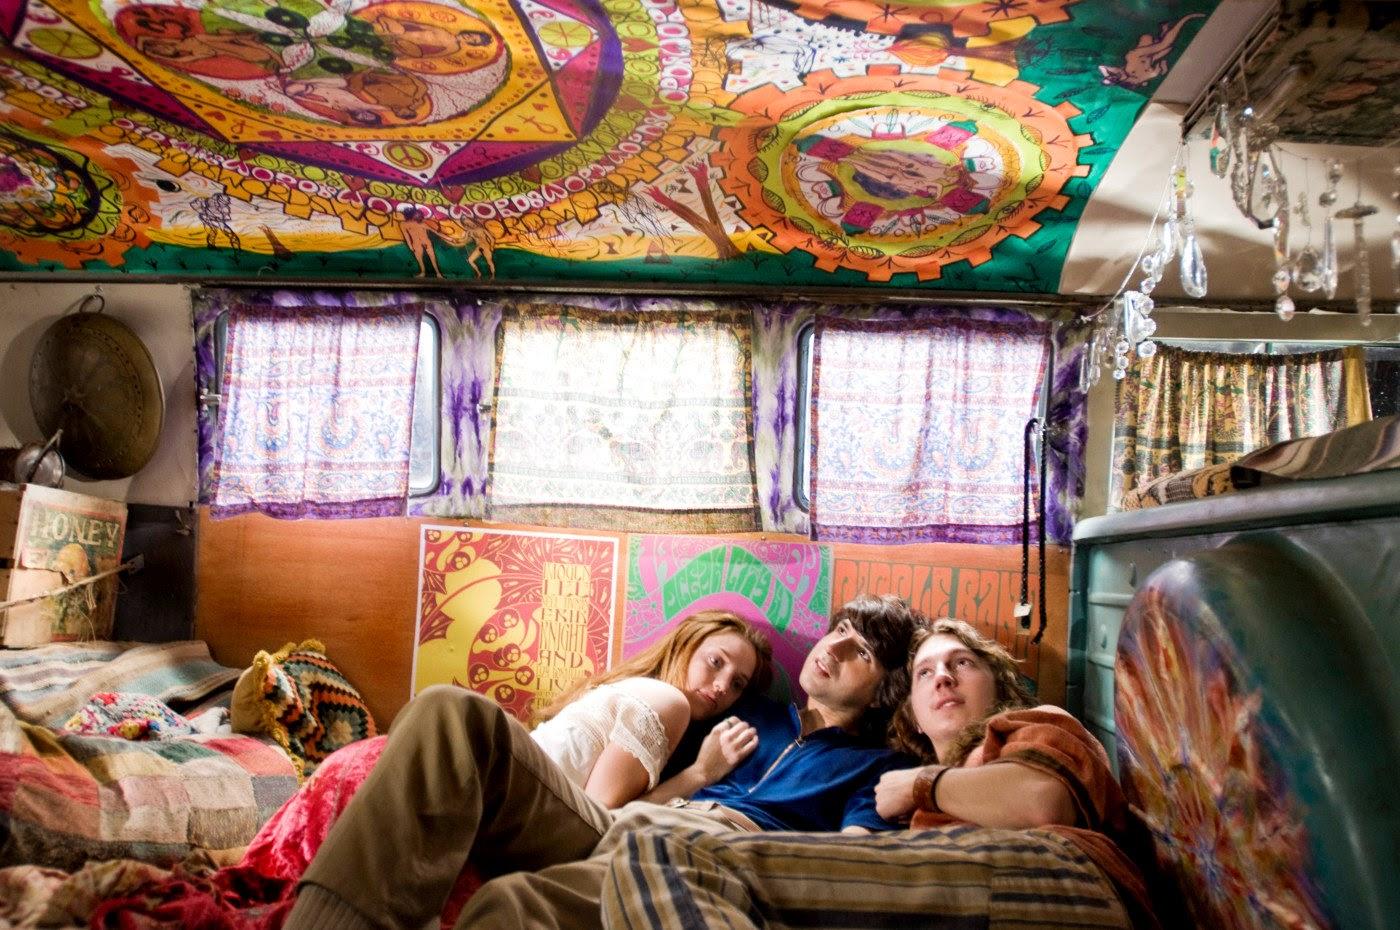 Aconteceu em Woodstock